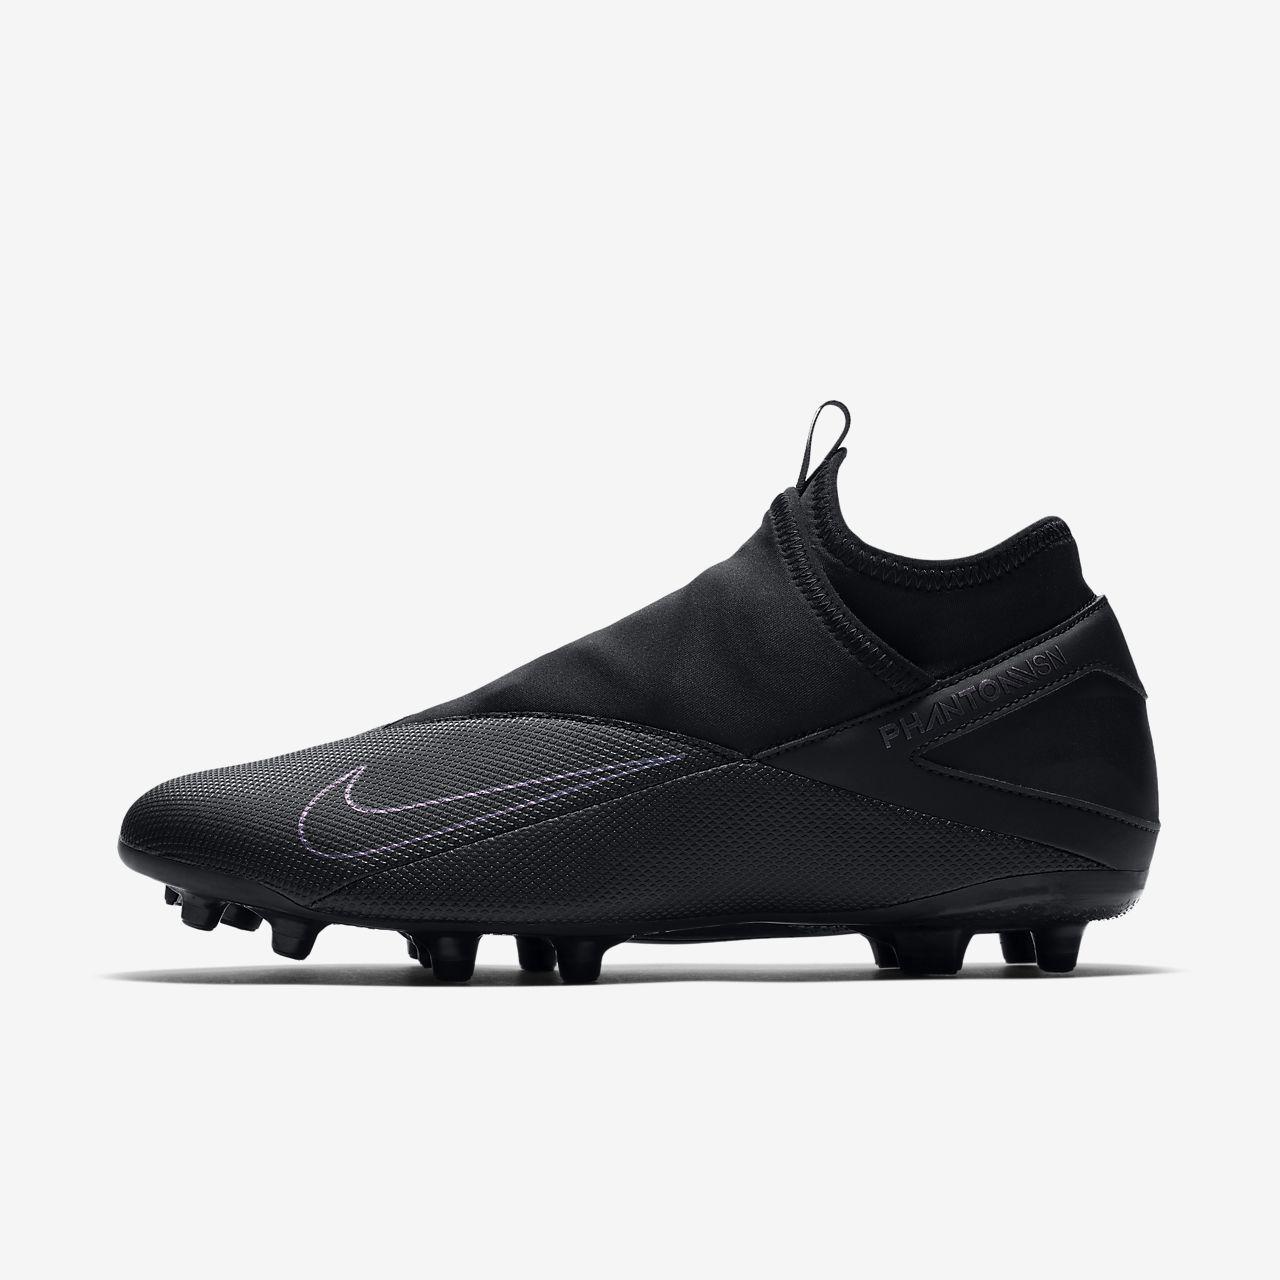 Nike Phantom Vision 2 Club Dynamic Fit MG Multi-Ground Football Boot